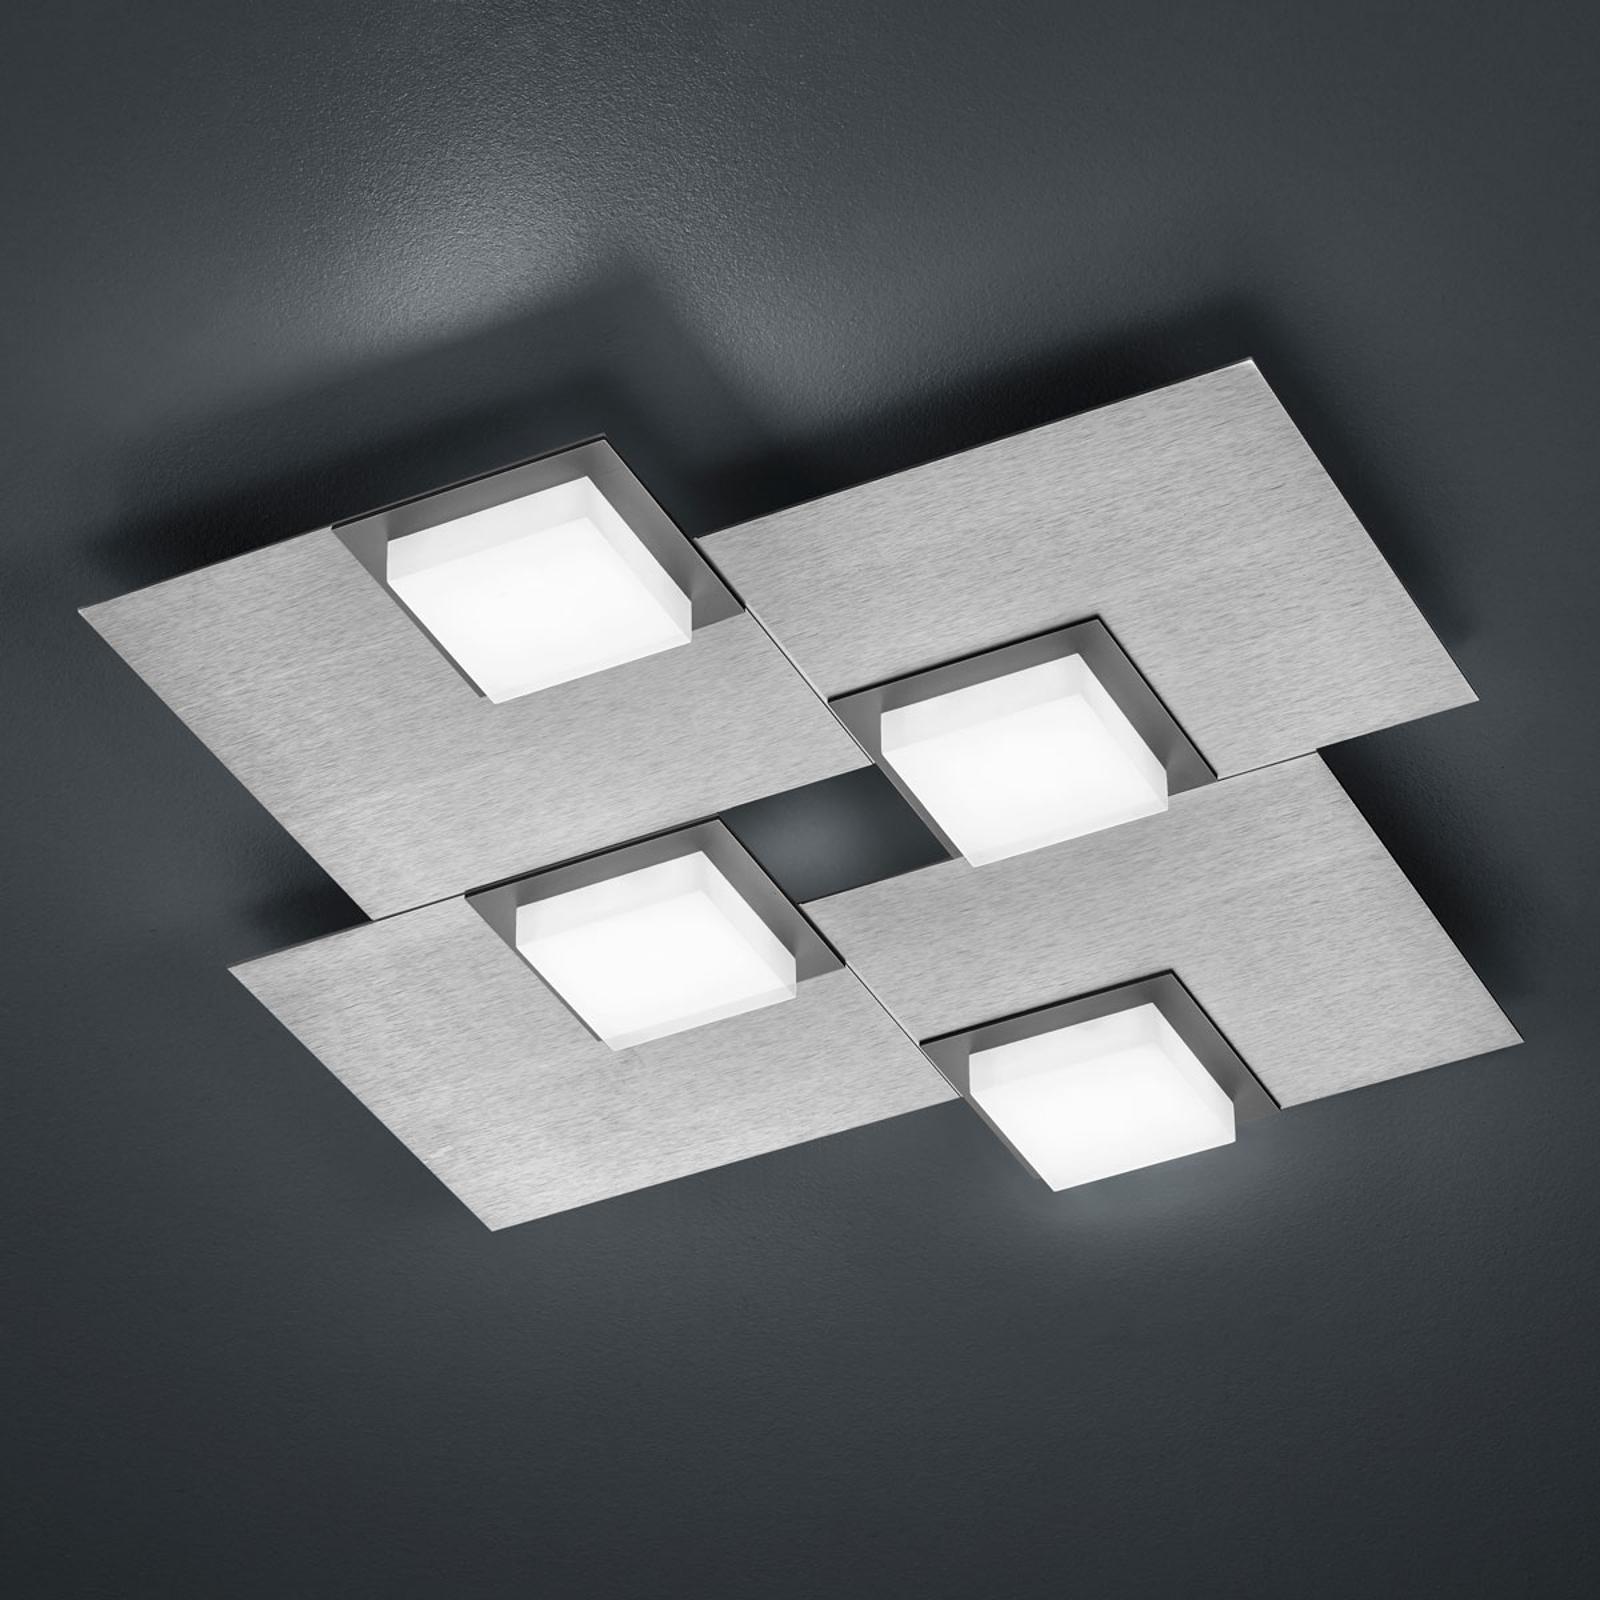 BANKAMP Quadro lampa sufitowa LED 32W srebrny